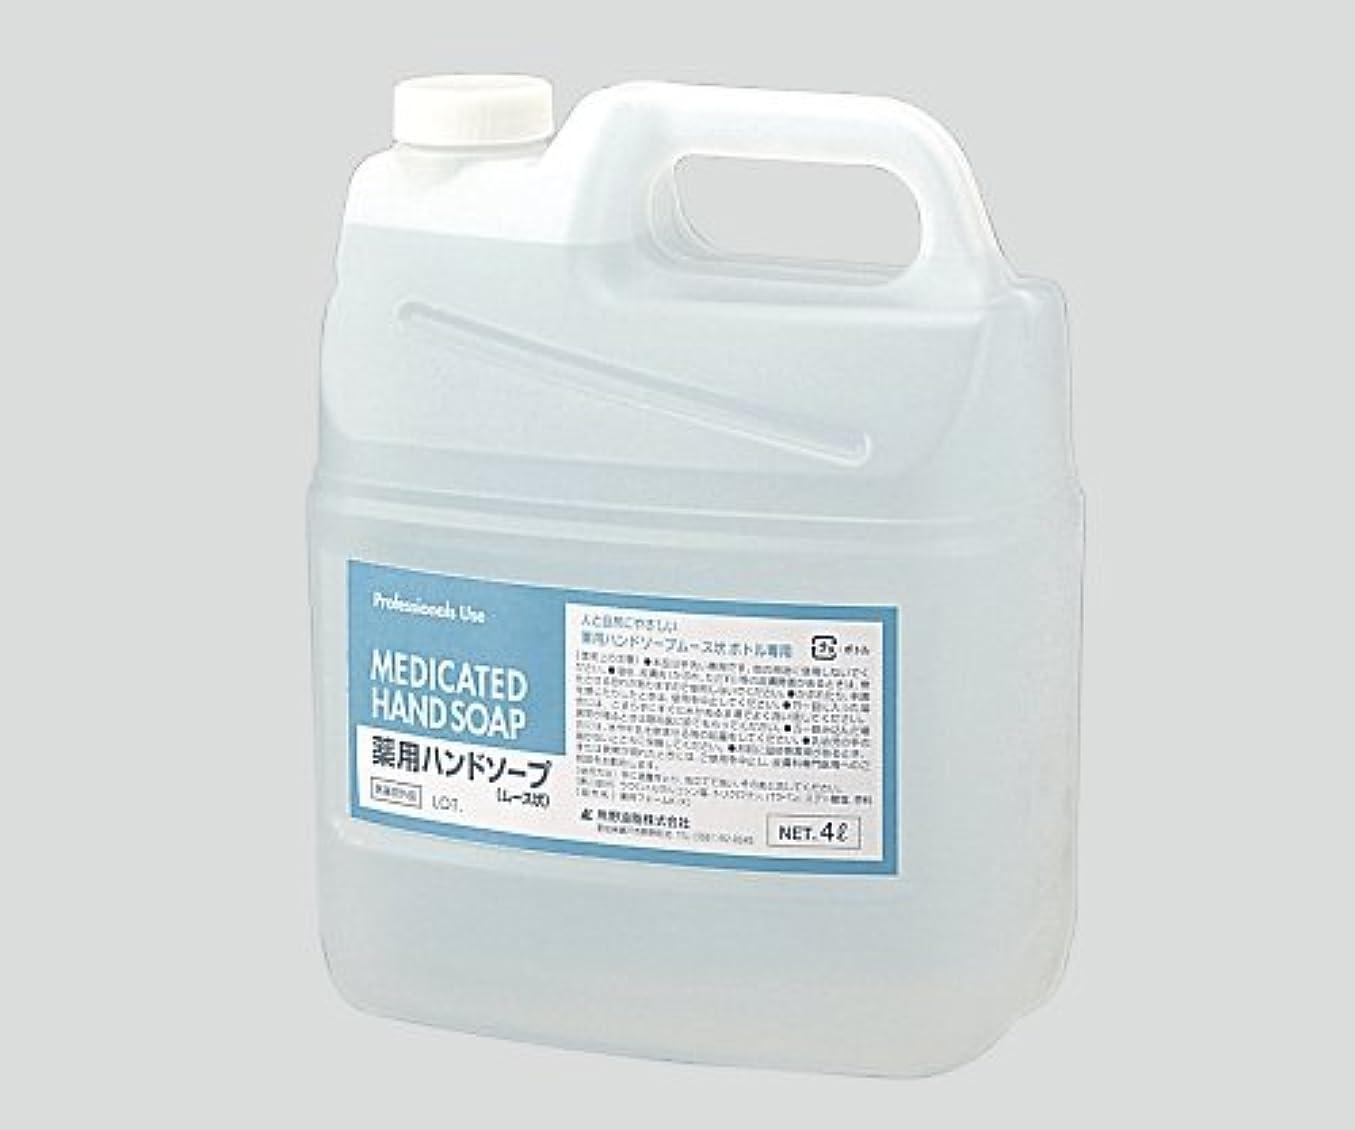 ボックスサンダルスリム8-6279-11セディア薬用ハンドソープ(泡タイプ)4L